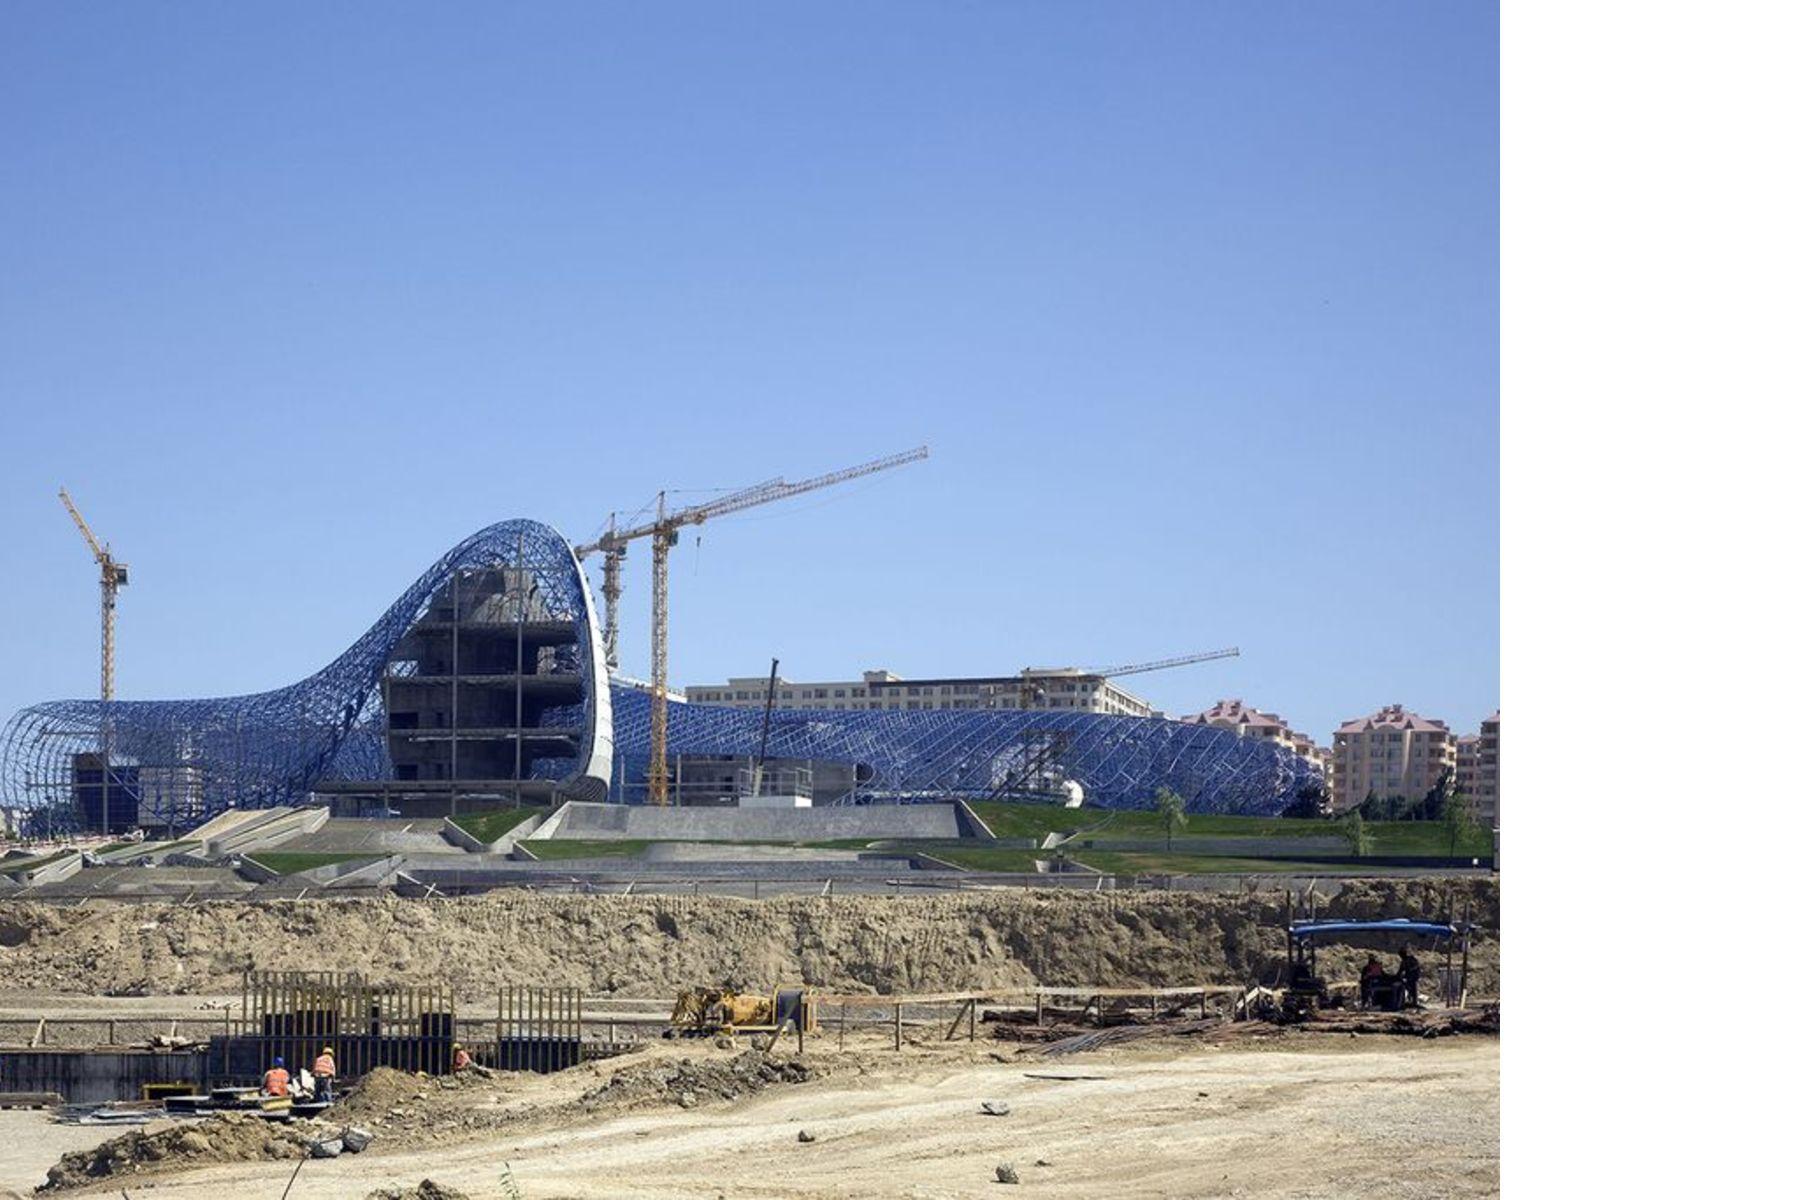 Zaha Hadid: Heydar Aliyev Center en Baku